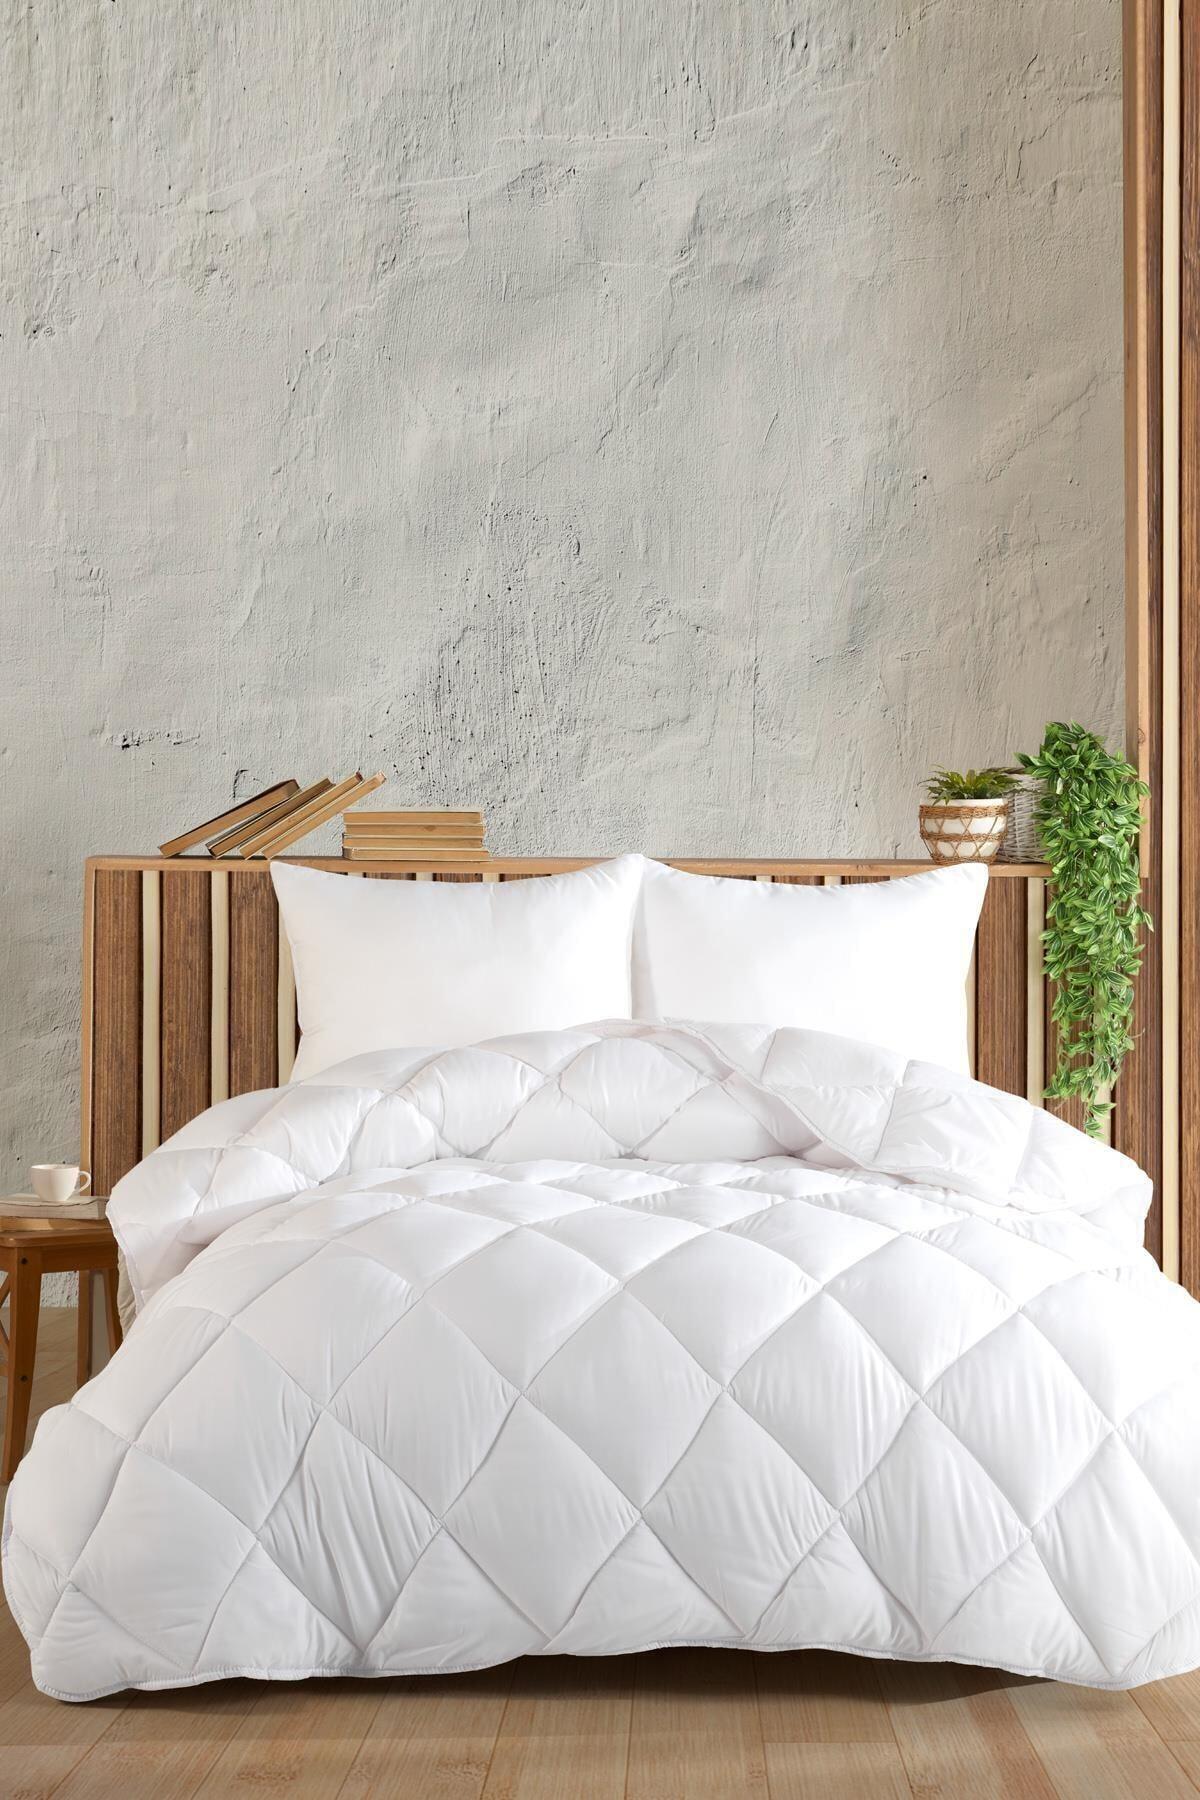 Marylebone Eco Series Çift Kişilik Silikon Yorgan Seti + 2 Yastık Hediyeli 1